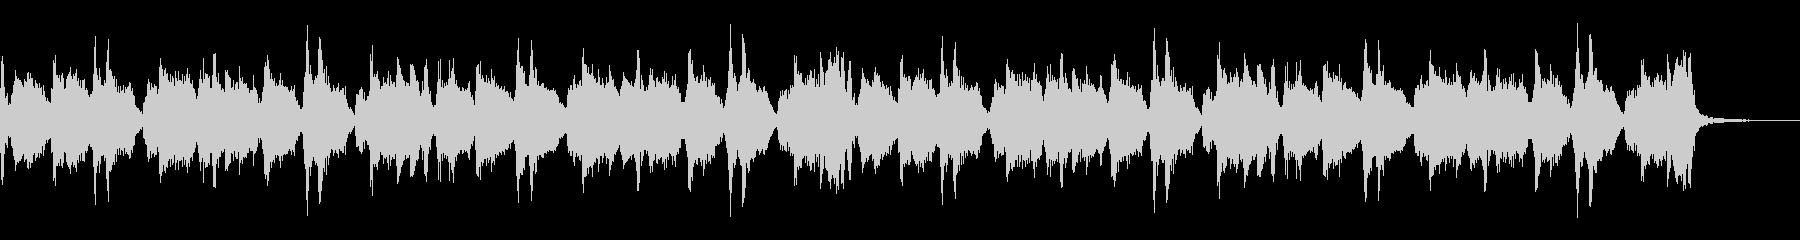 ロック系ギターリフの未再生の波形